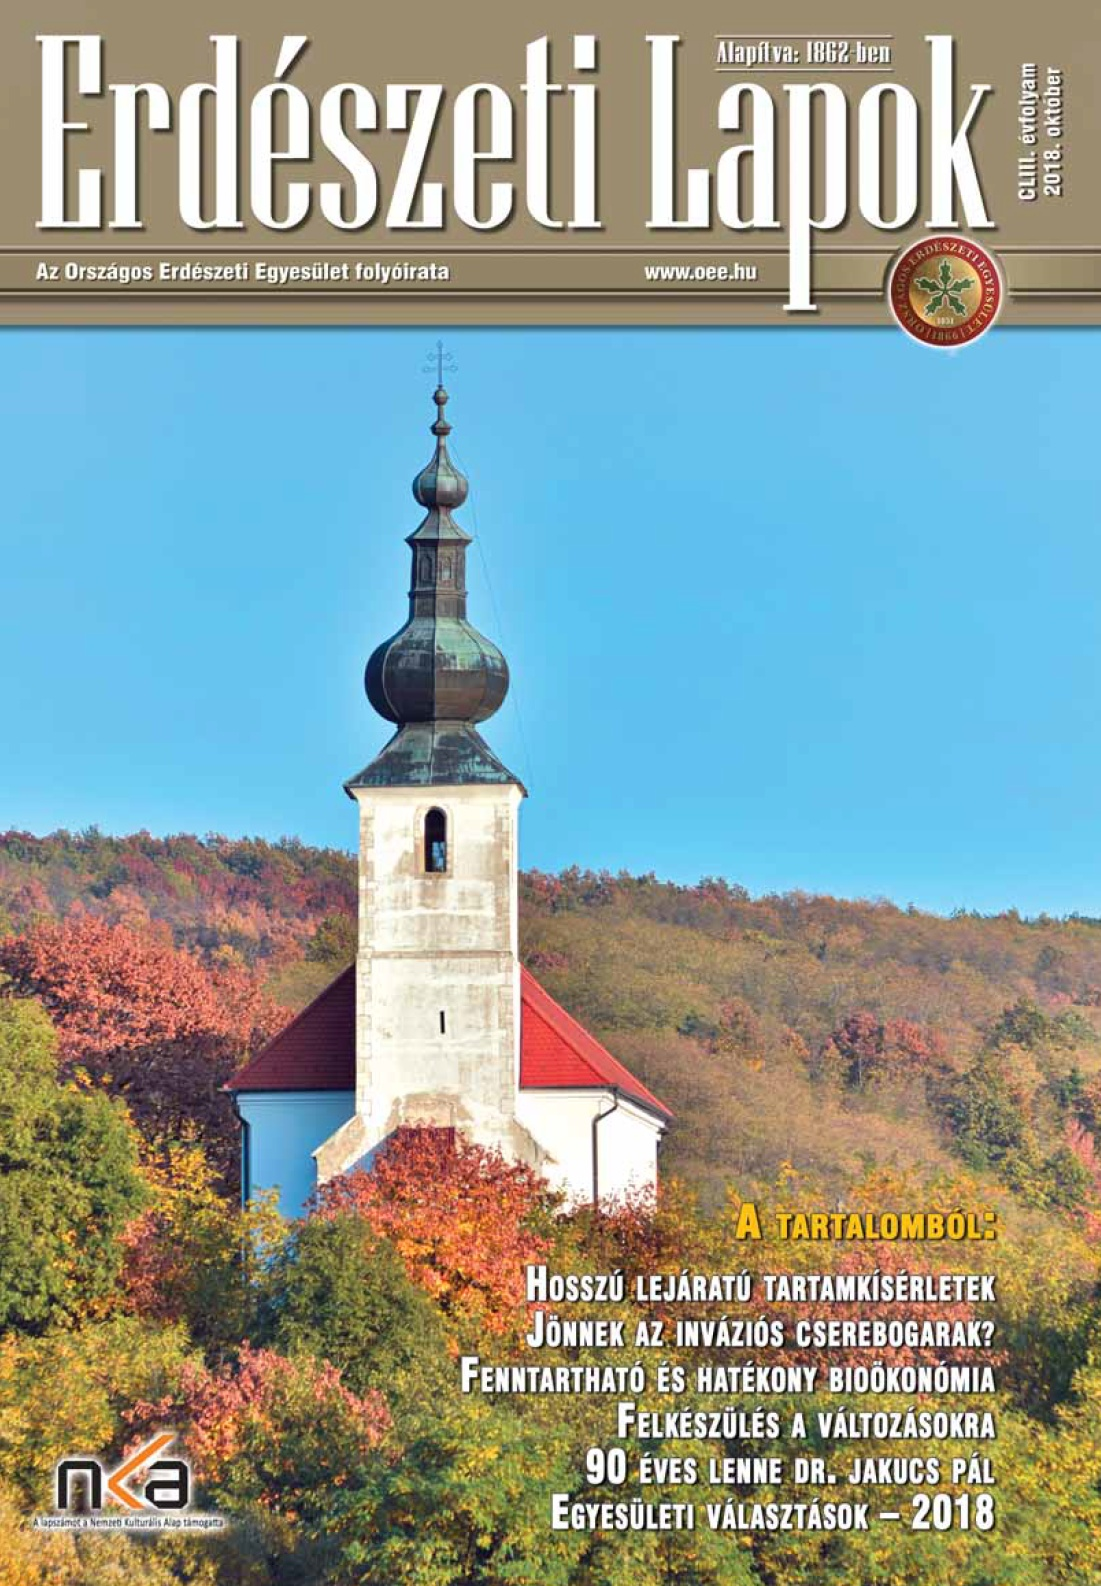 Erdészeti Lapok - 153. évfolyam - 2018. október